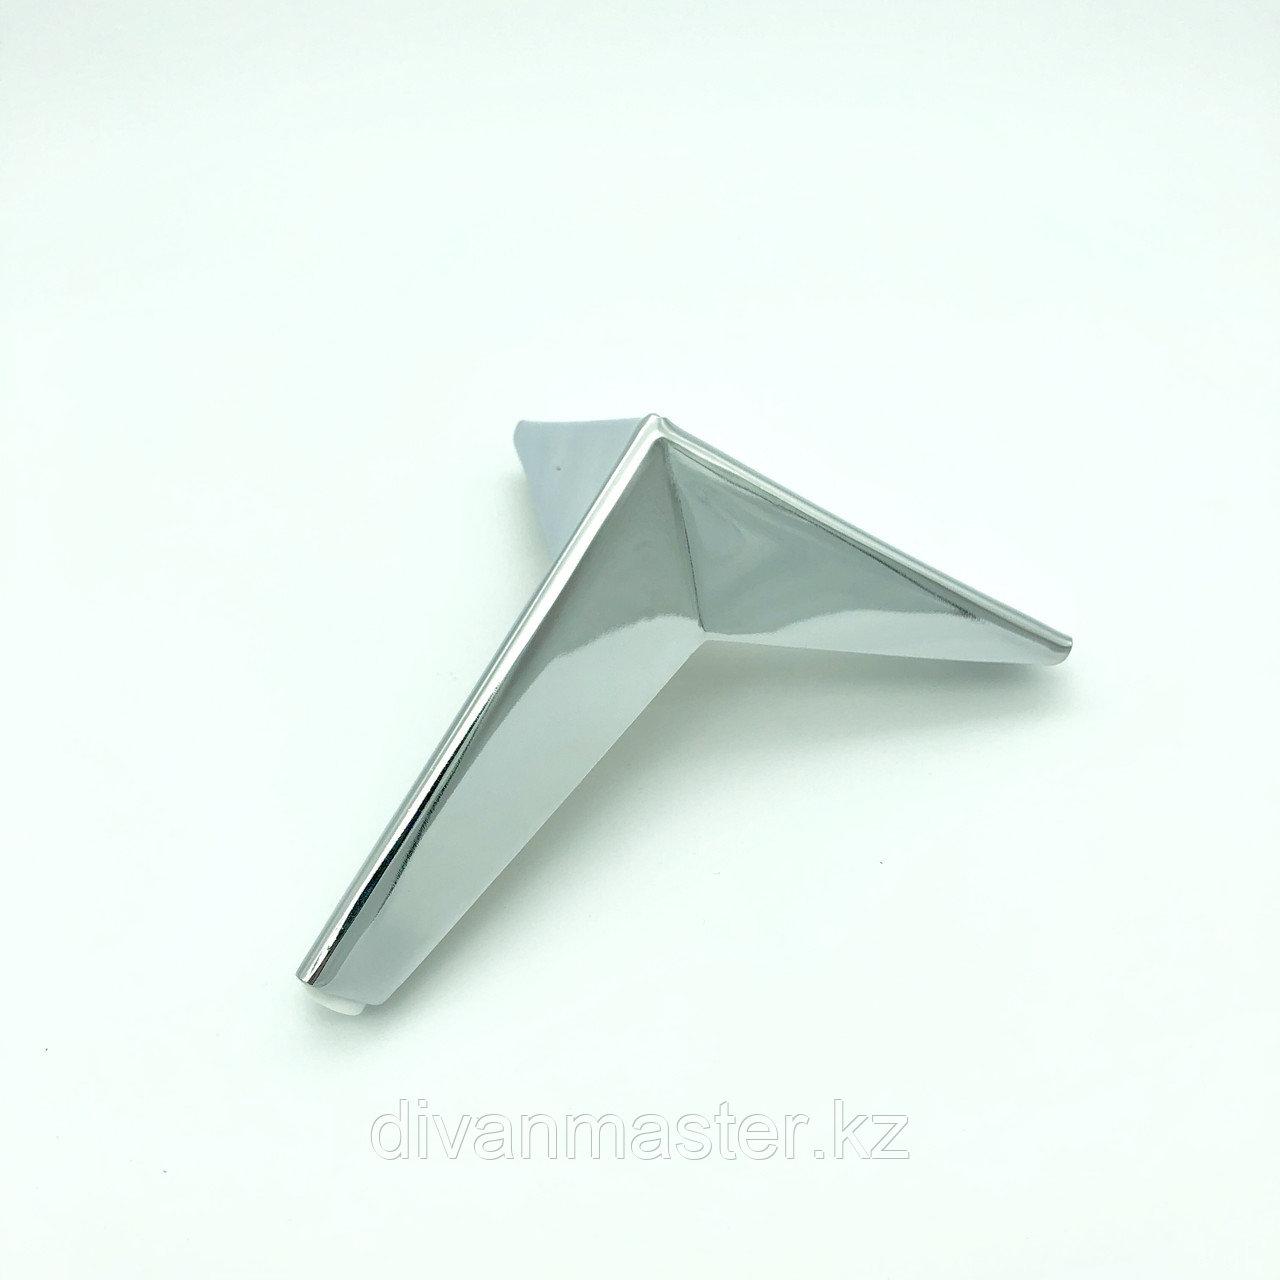 Ножка стальная с наклоном, для диванов и кресел, хром 15 см